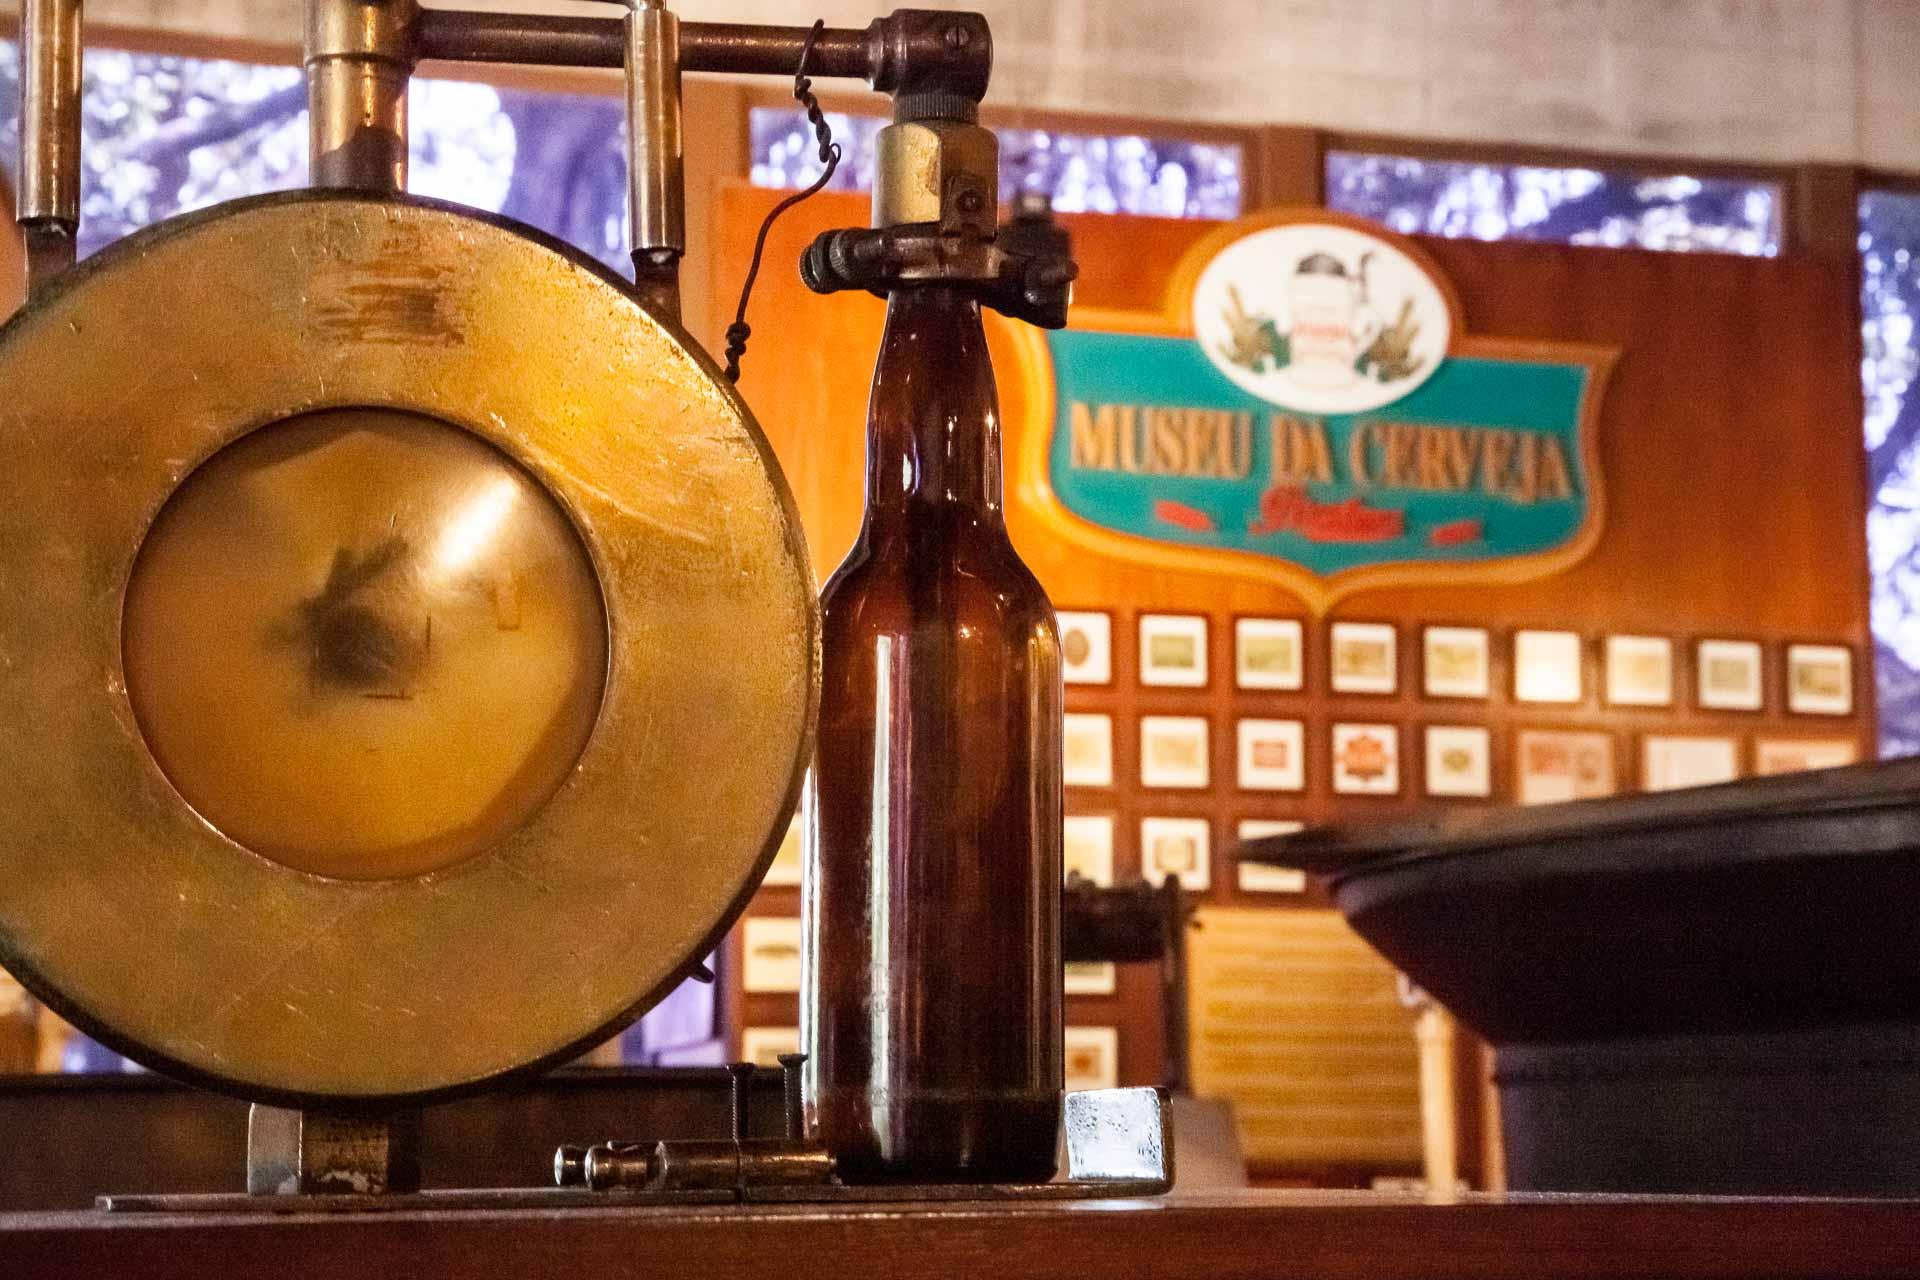 Detalhe de uma engarrafadora de cervejas no Museu da Cerveja de Blumenau, Santa Catarina